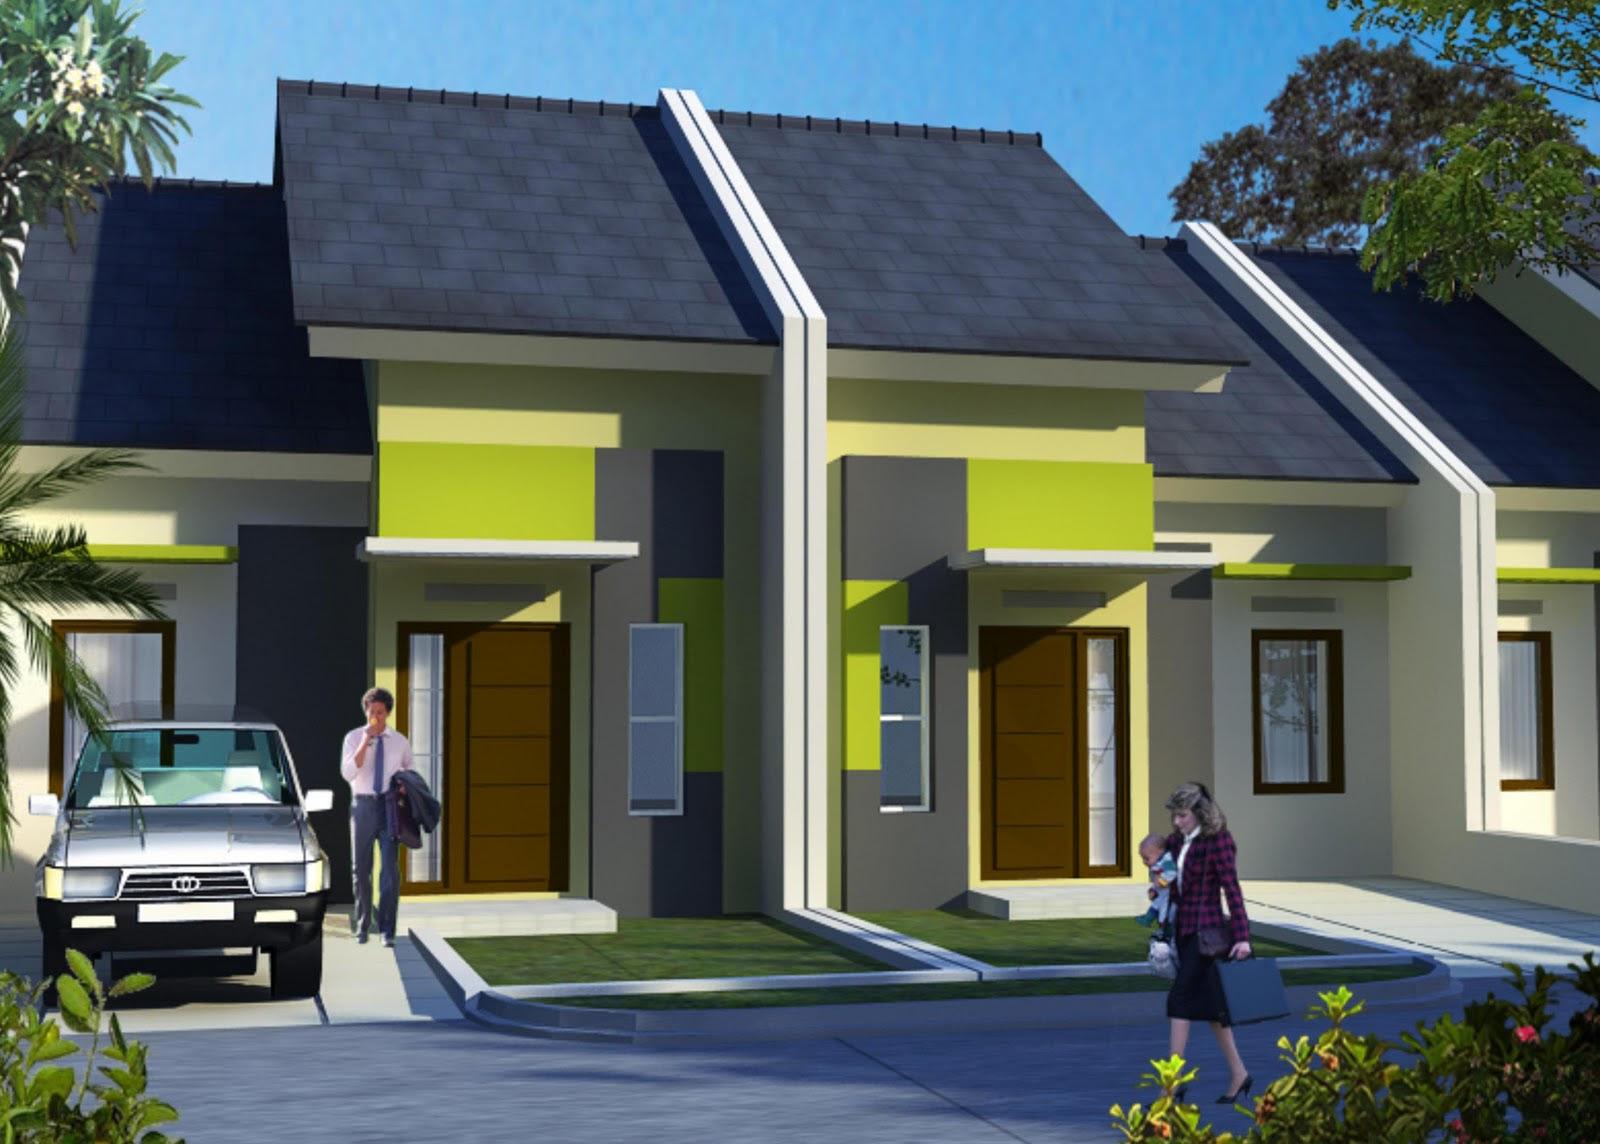 Desain Rumah Sederhana Minimalis Tipe 36 yang Nyaman